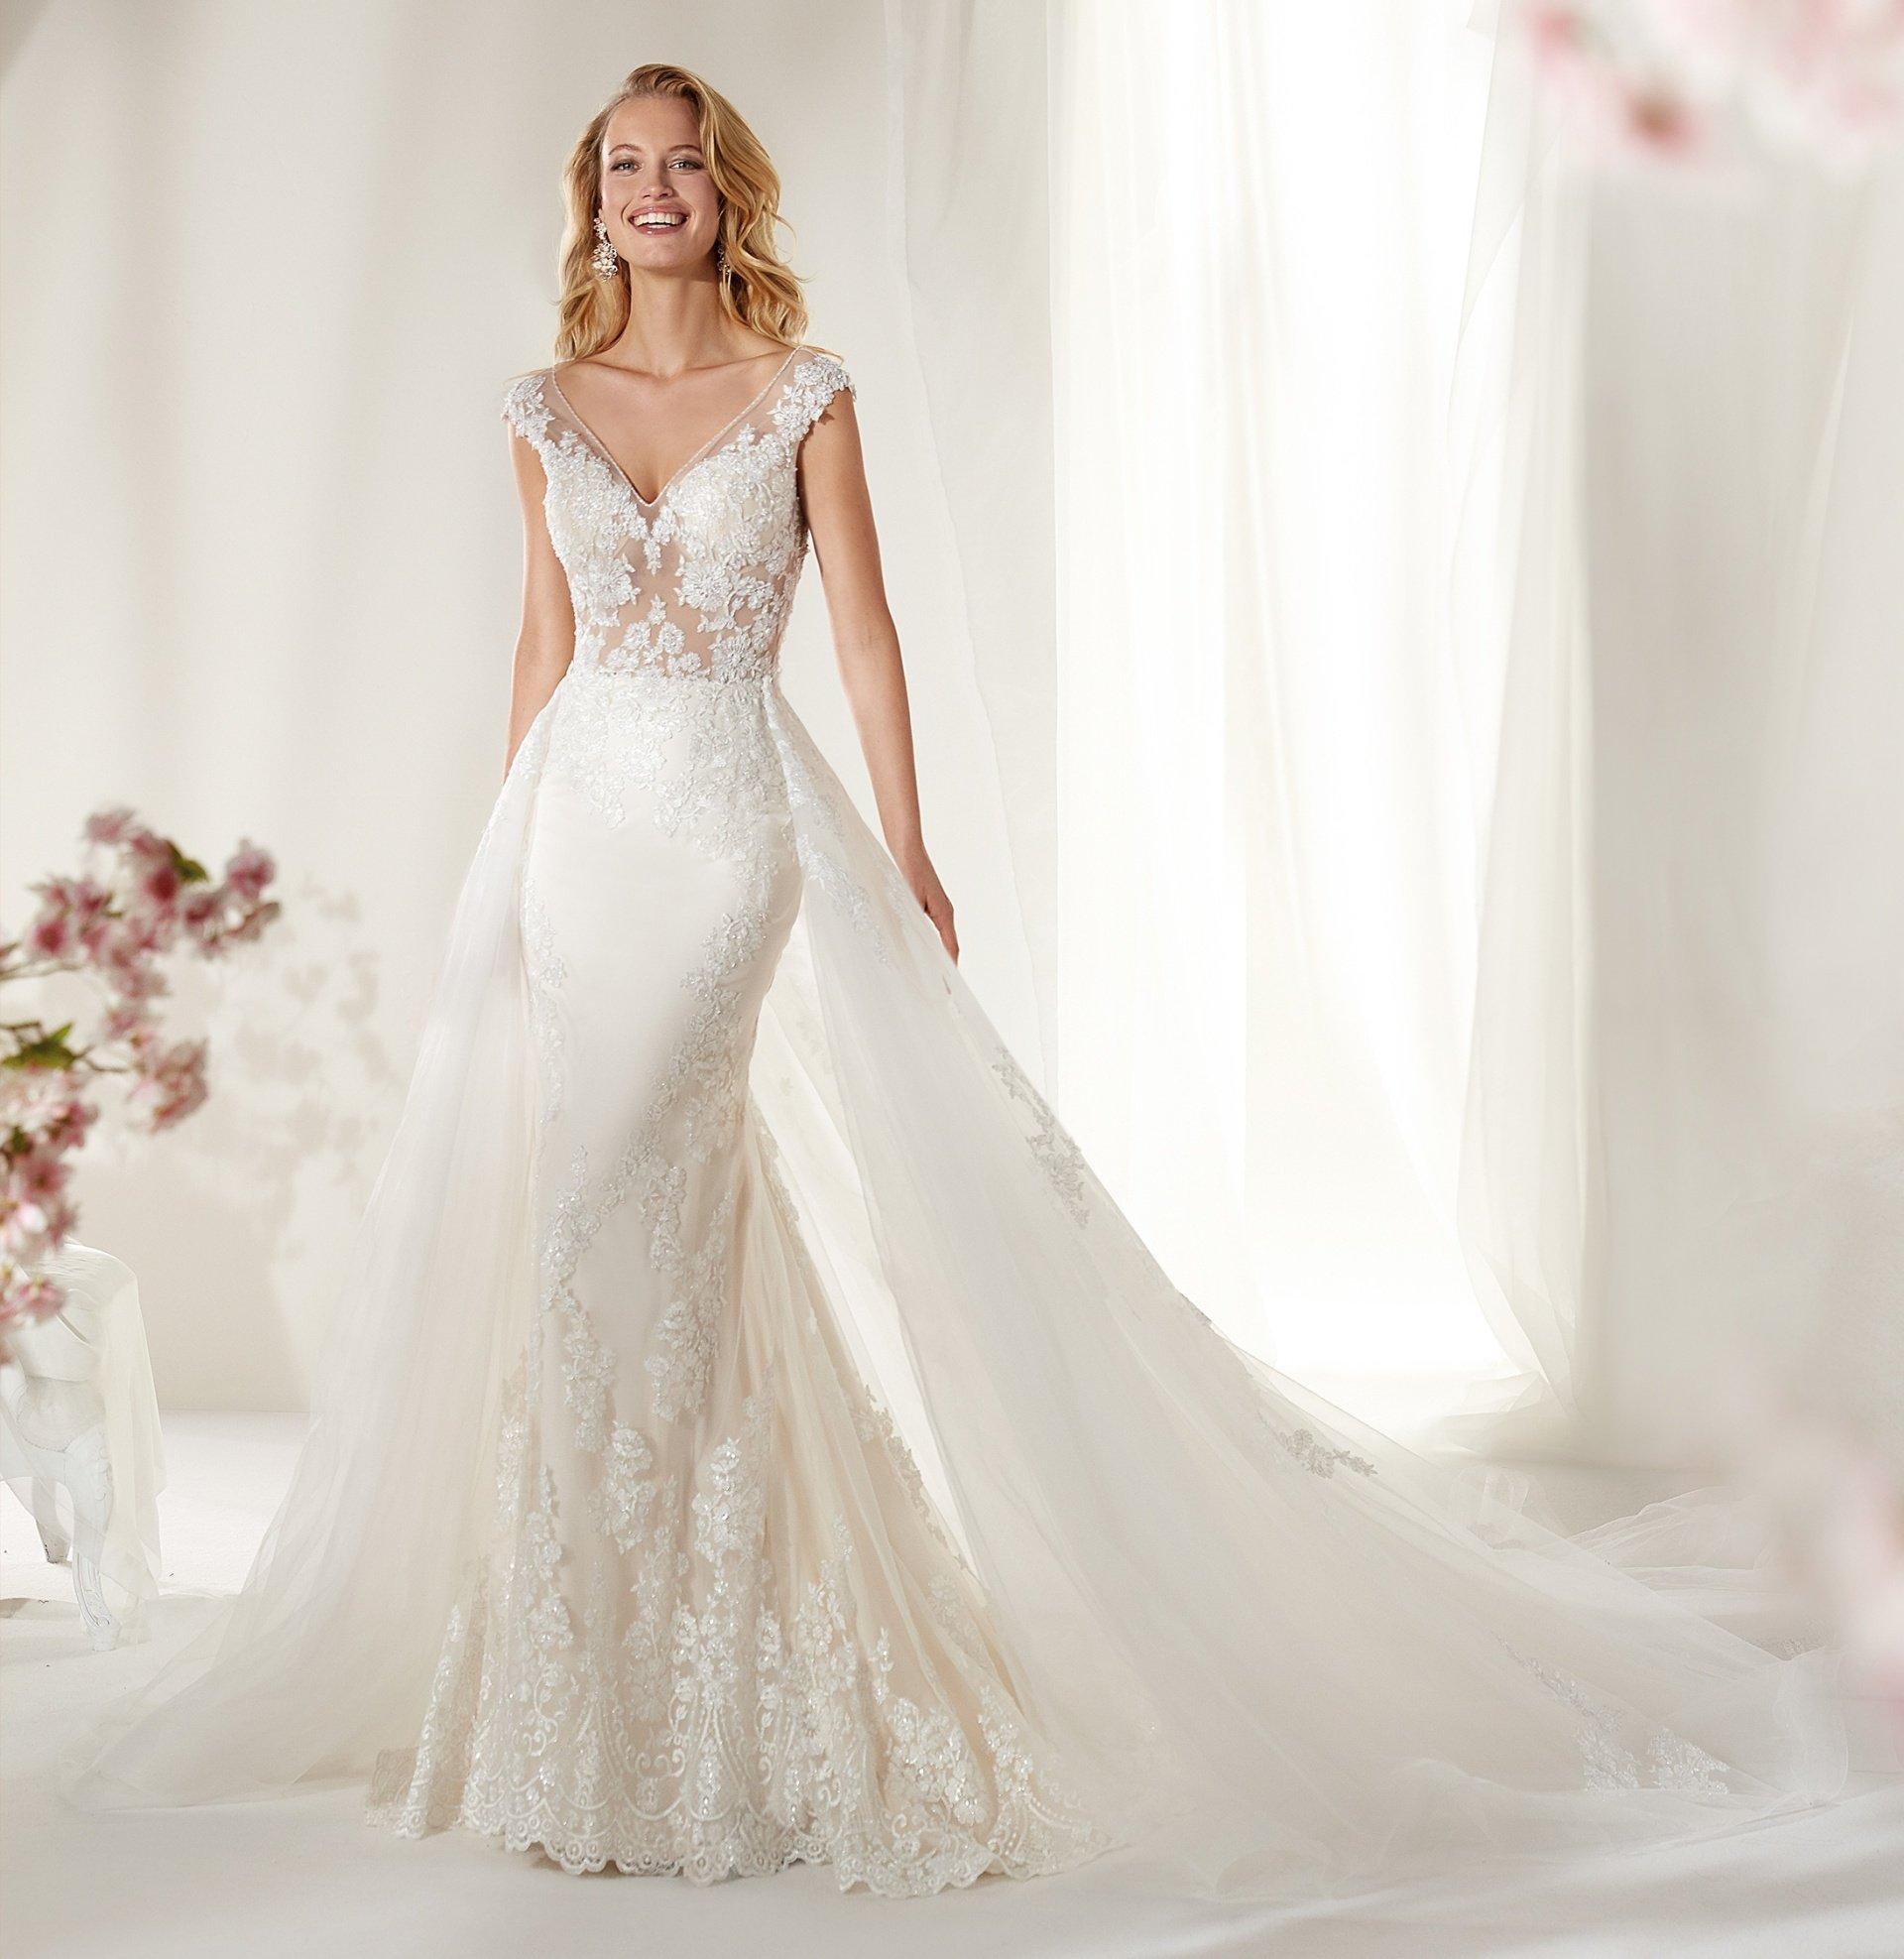 5fc0f778b89a Come scegliere il tuo abito da sposa   Sei semplici consigli per l abito  perfetto